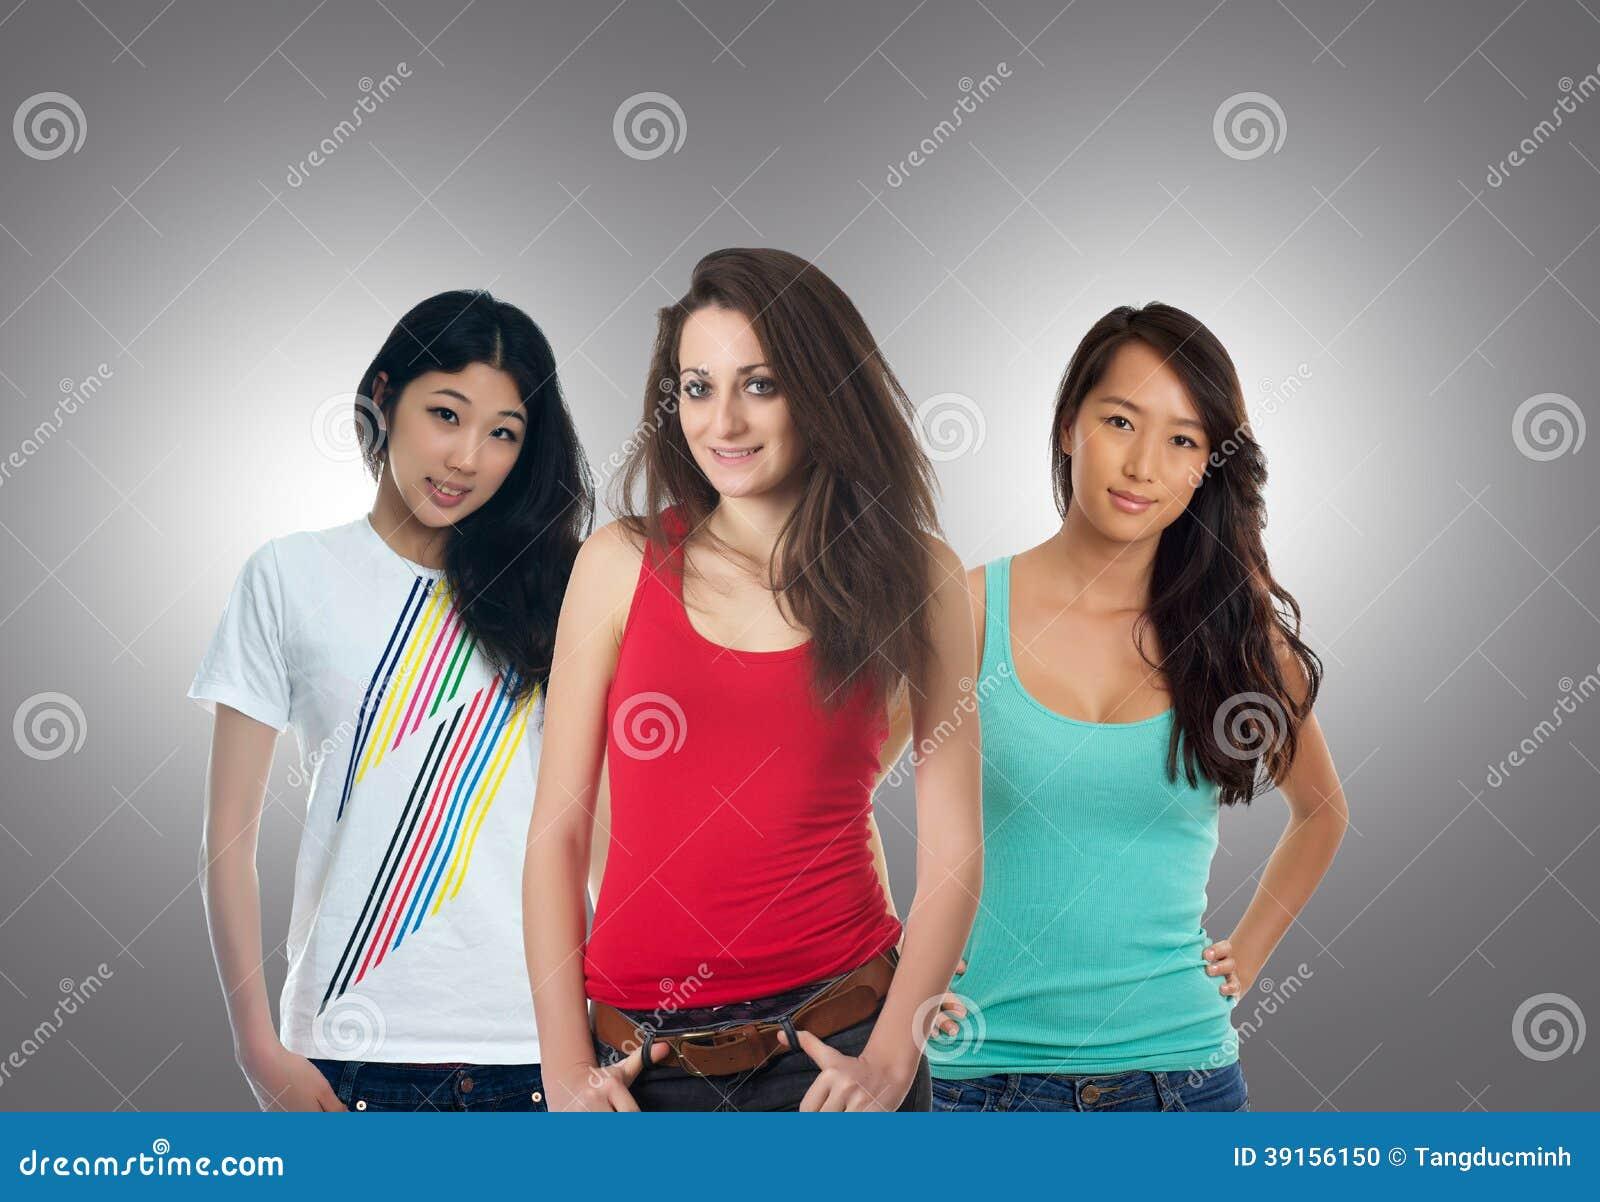 几岁_一起穿偶然服装的三个十几岁的女孩.